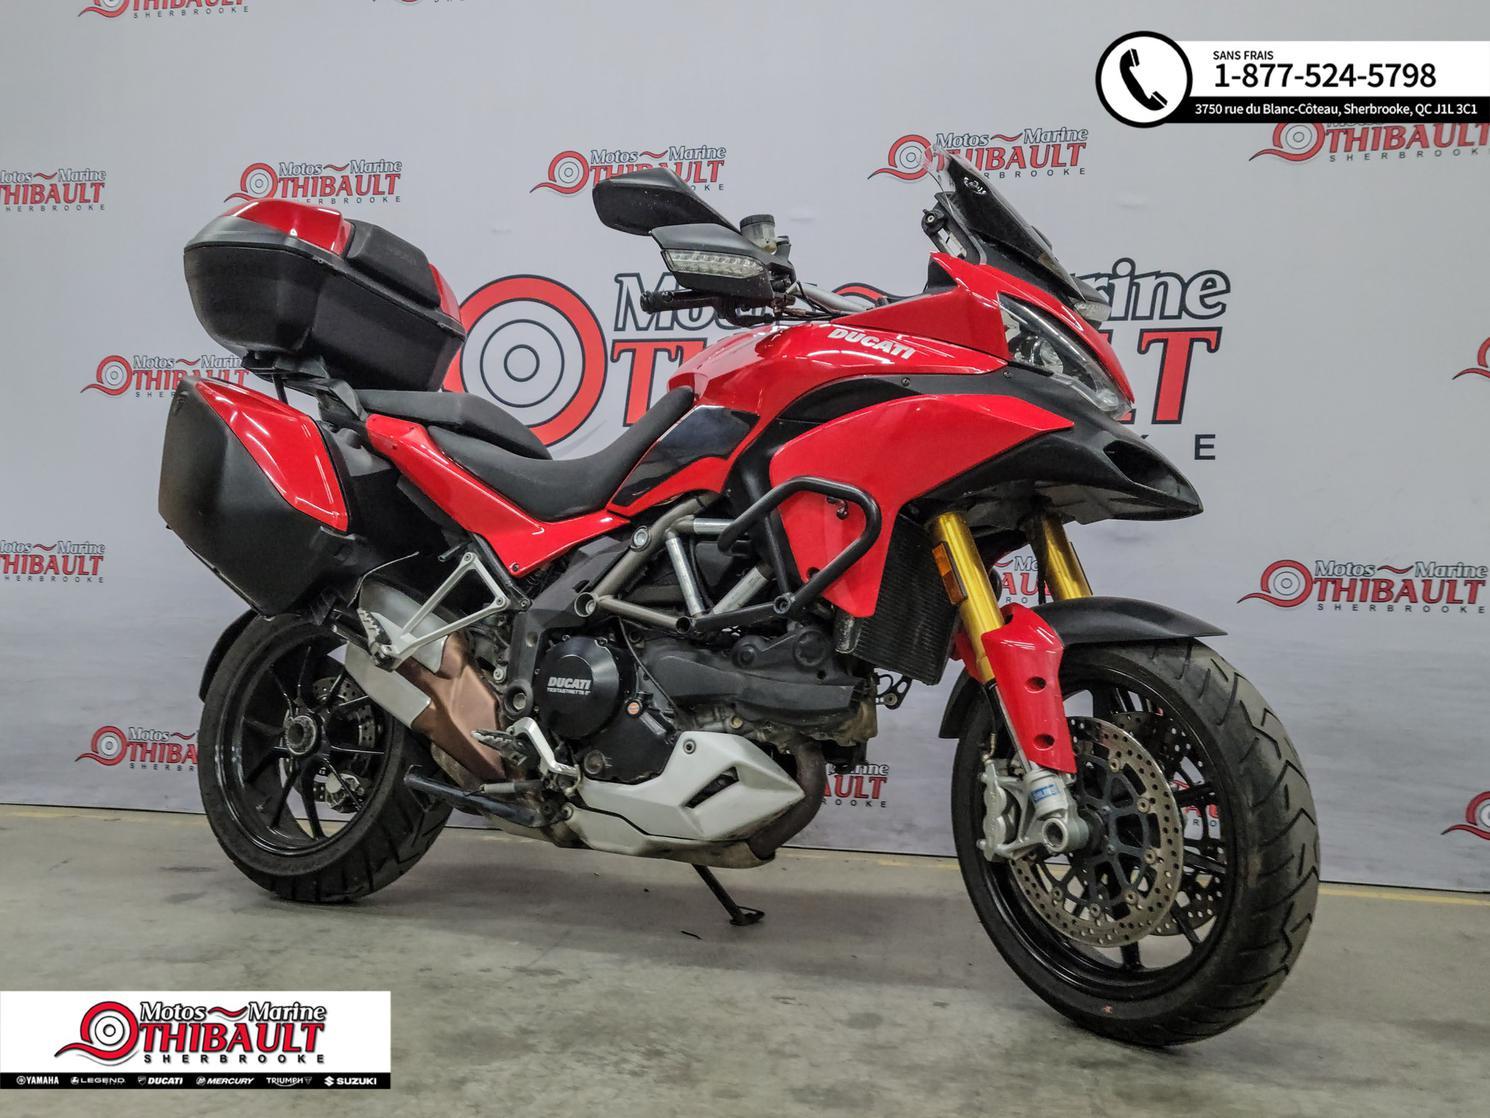 Ducati MULTISTRADA - 1200S Touring 2011